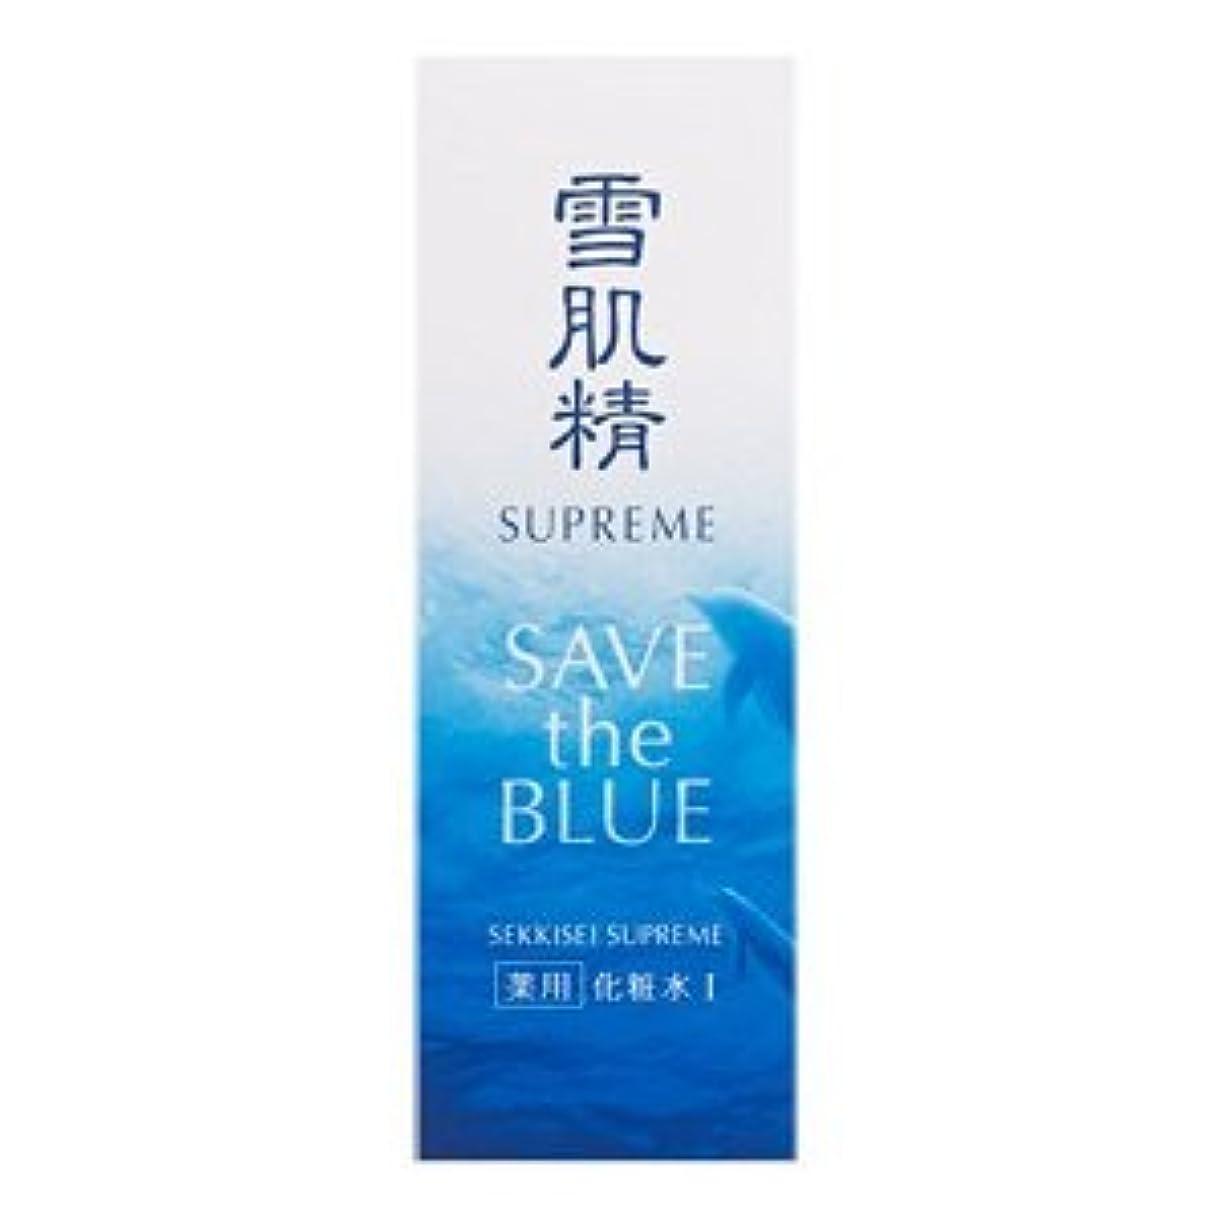 到着禁輸部分的にコーセー 雪肌精 シュープレム 化粧水 Ⅰ みずみずしいうるおい 400ml アウトレット